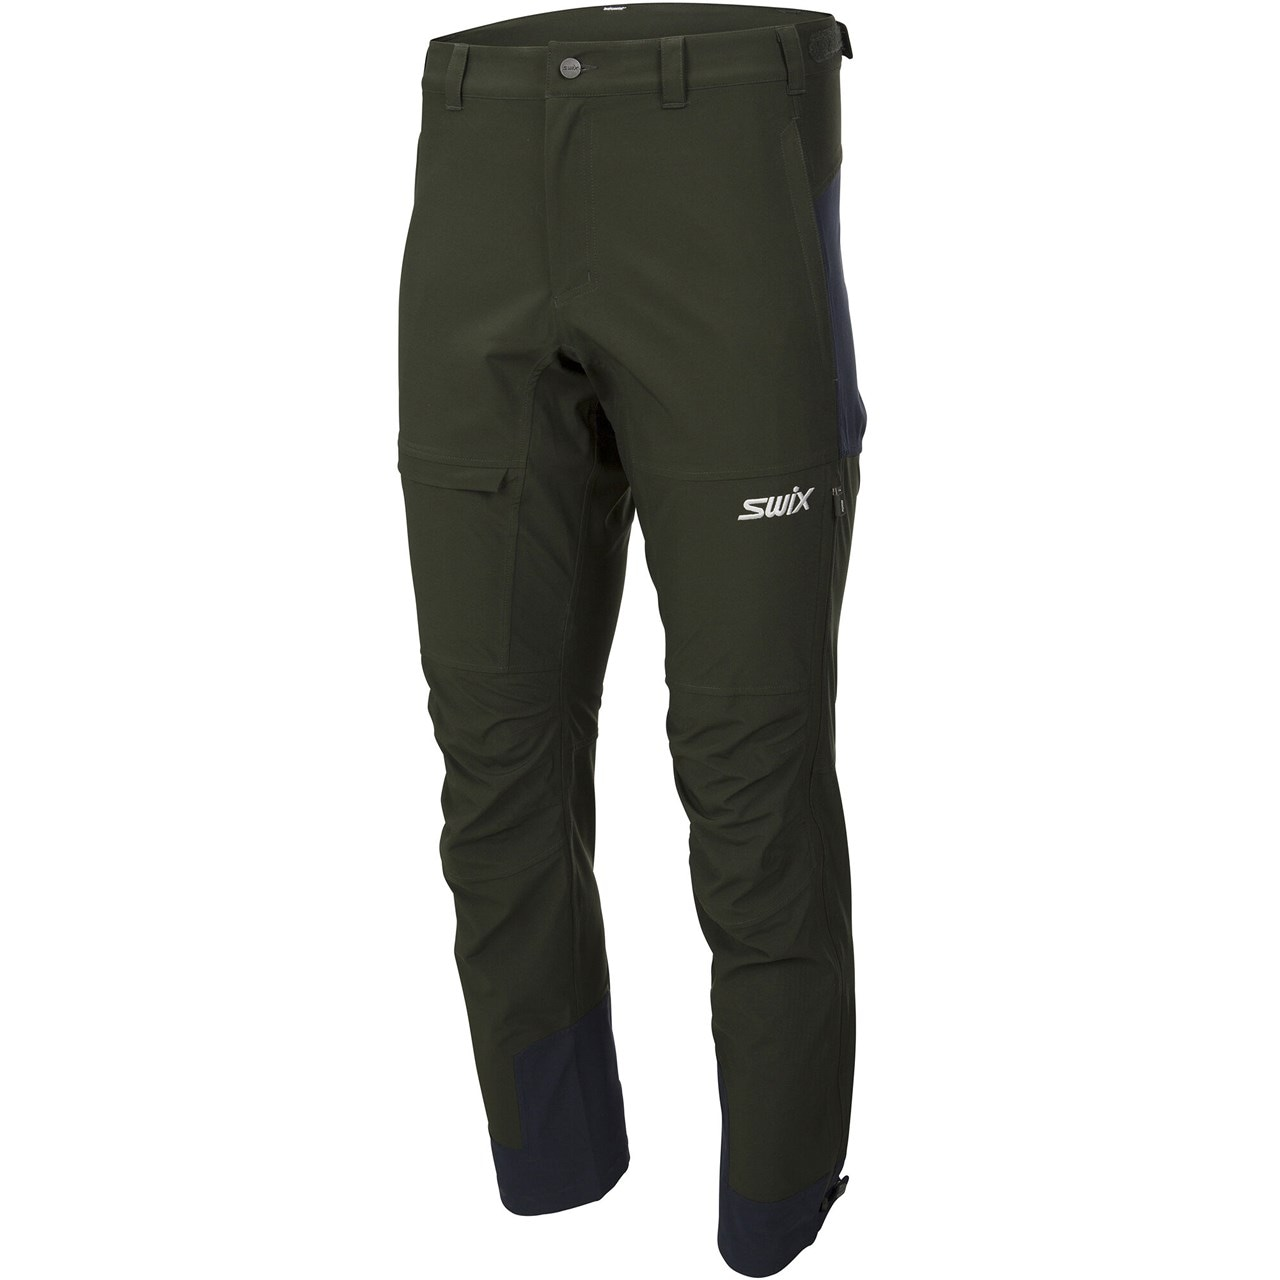 Swix Blizzard Pants M's